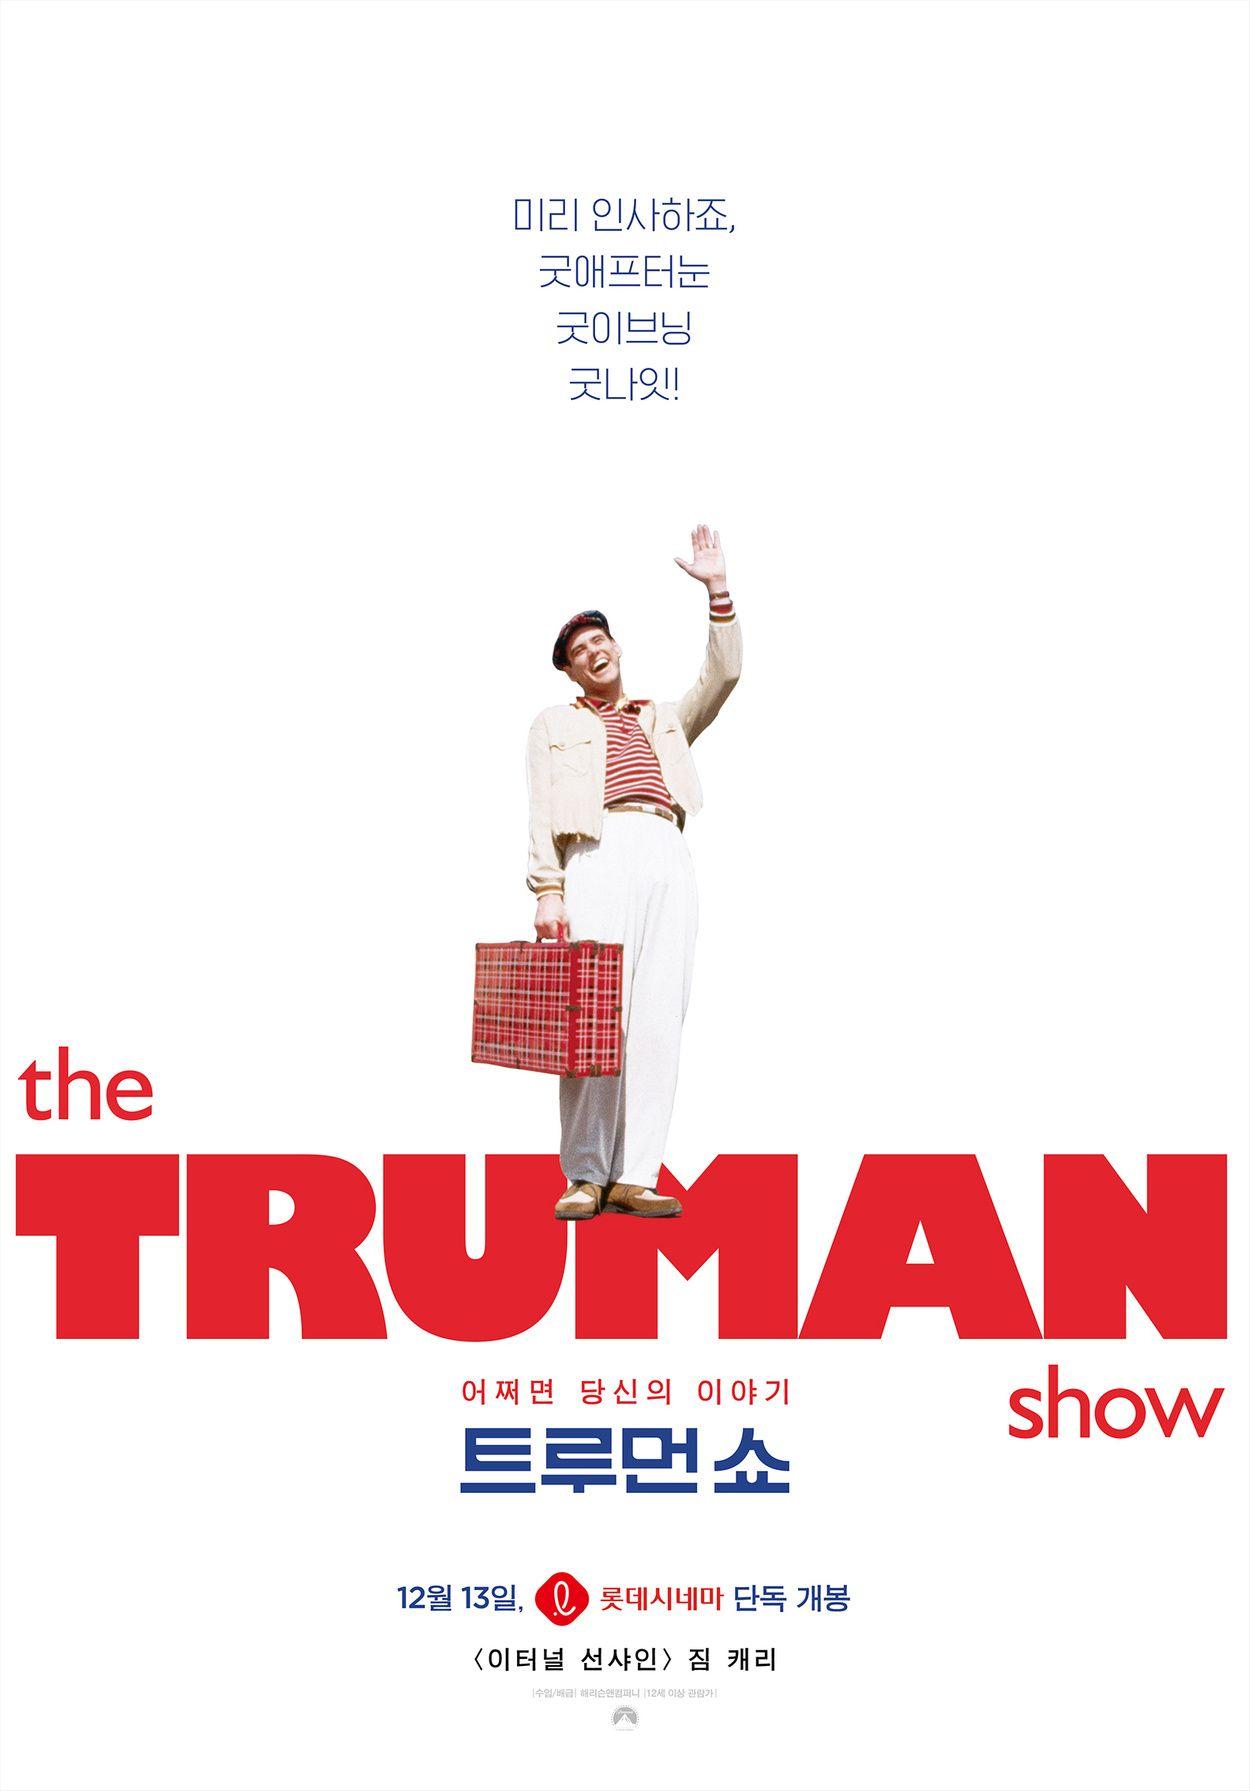 Truman show swesub